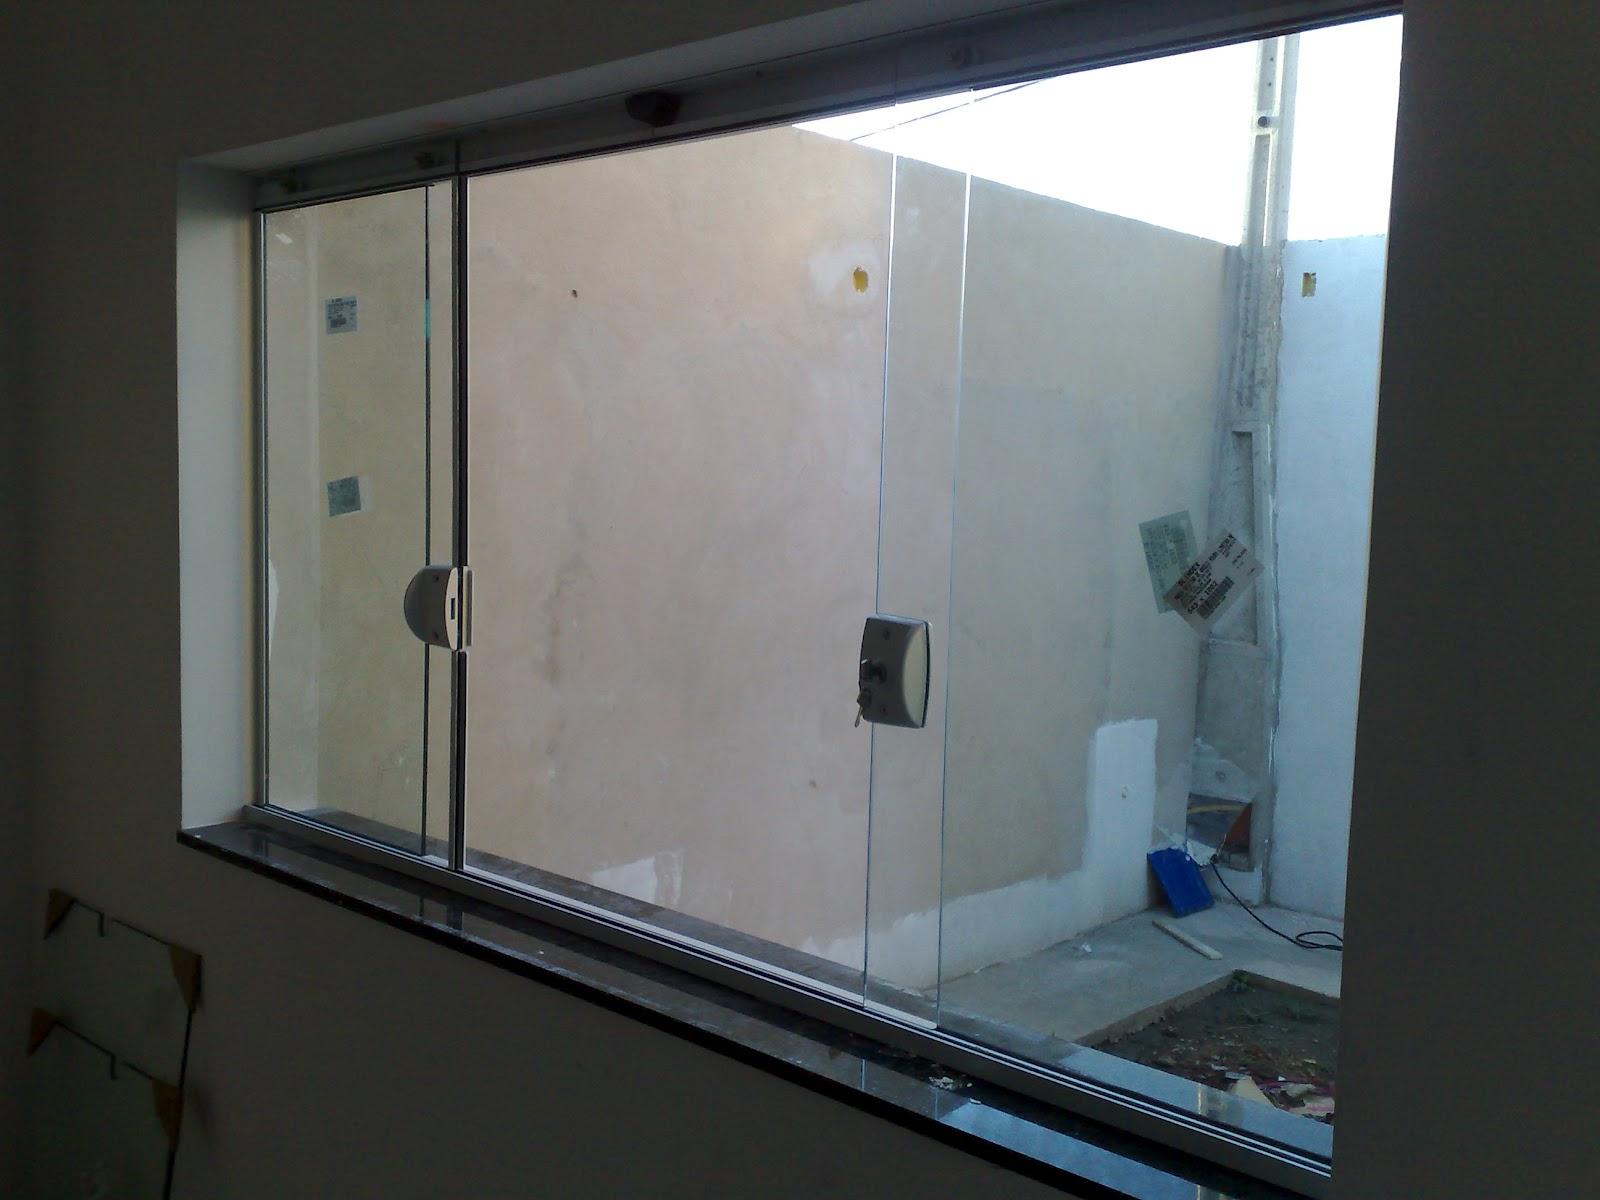 Blindex No Quarto ~ Passo a passo da construç u00e3o da minha primeira casa Vidros Blindex instalados e Porcelanato